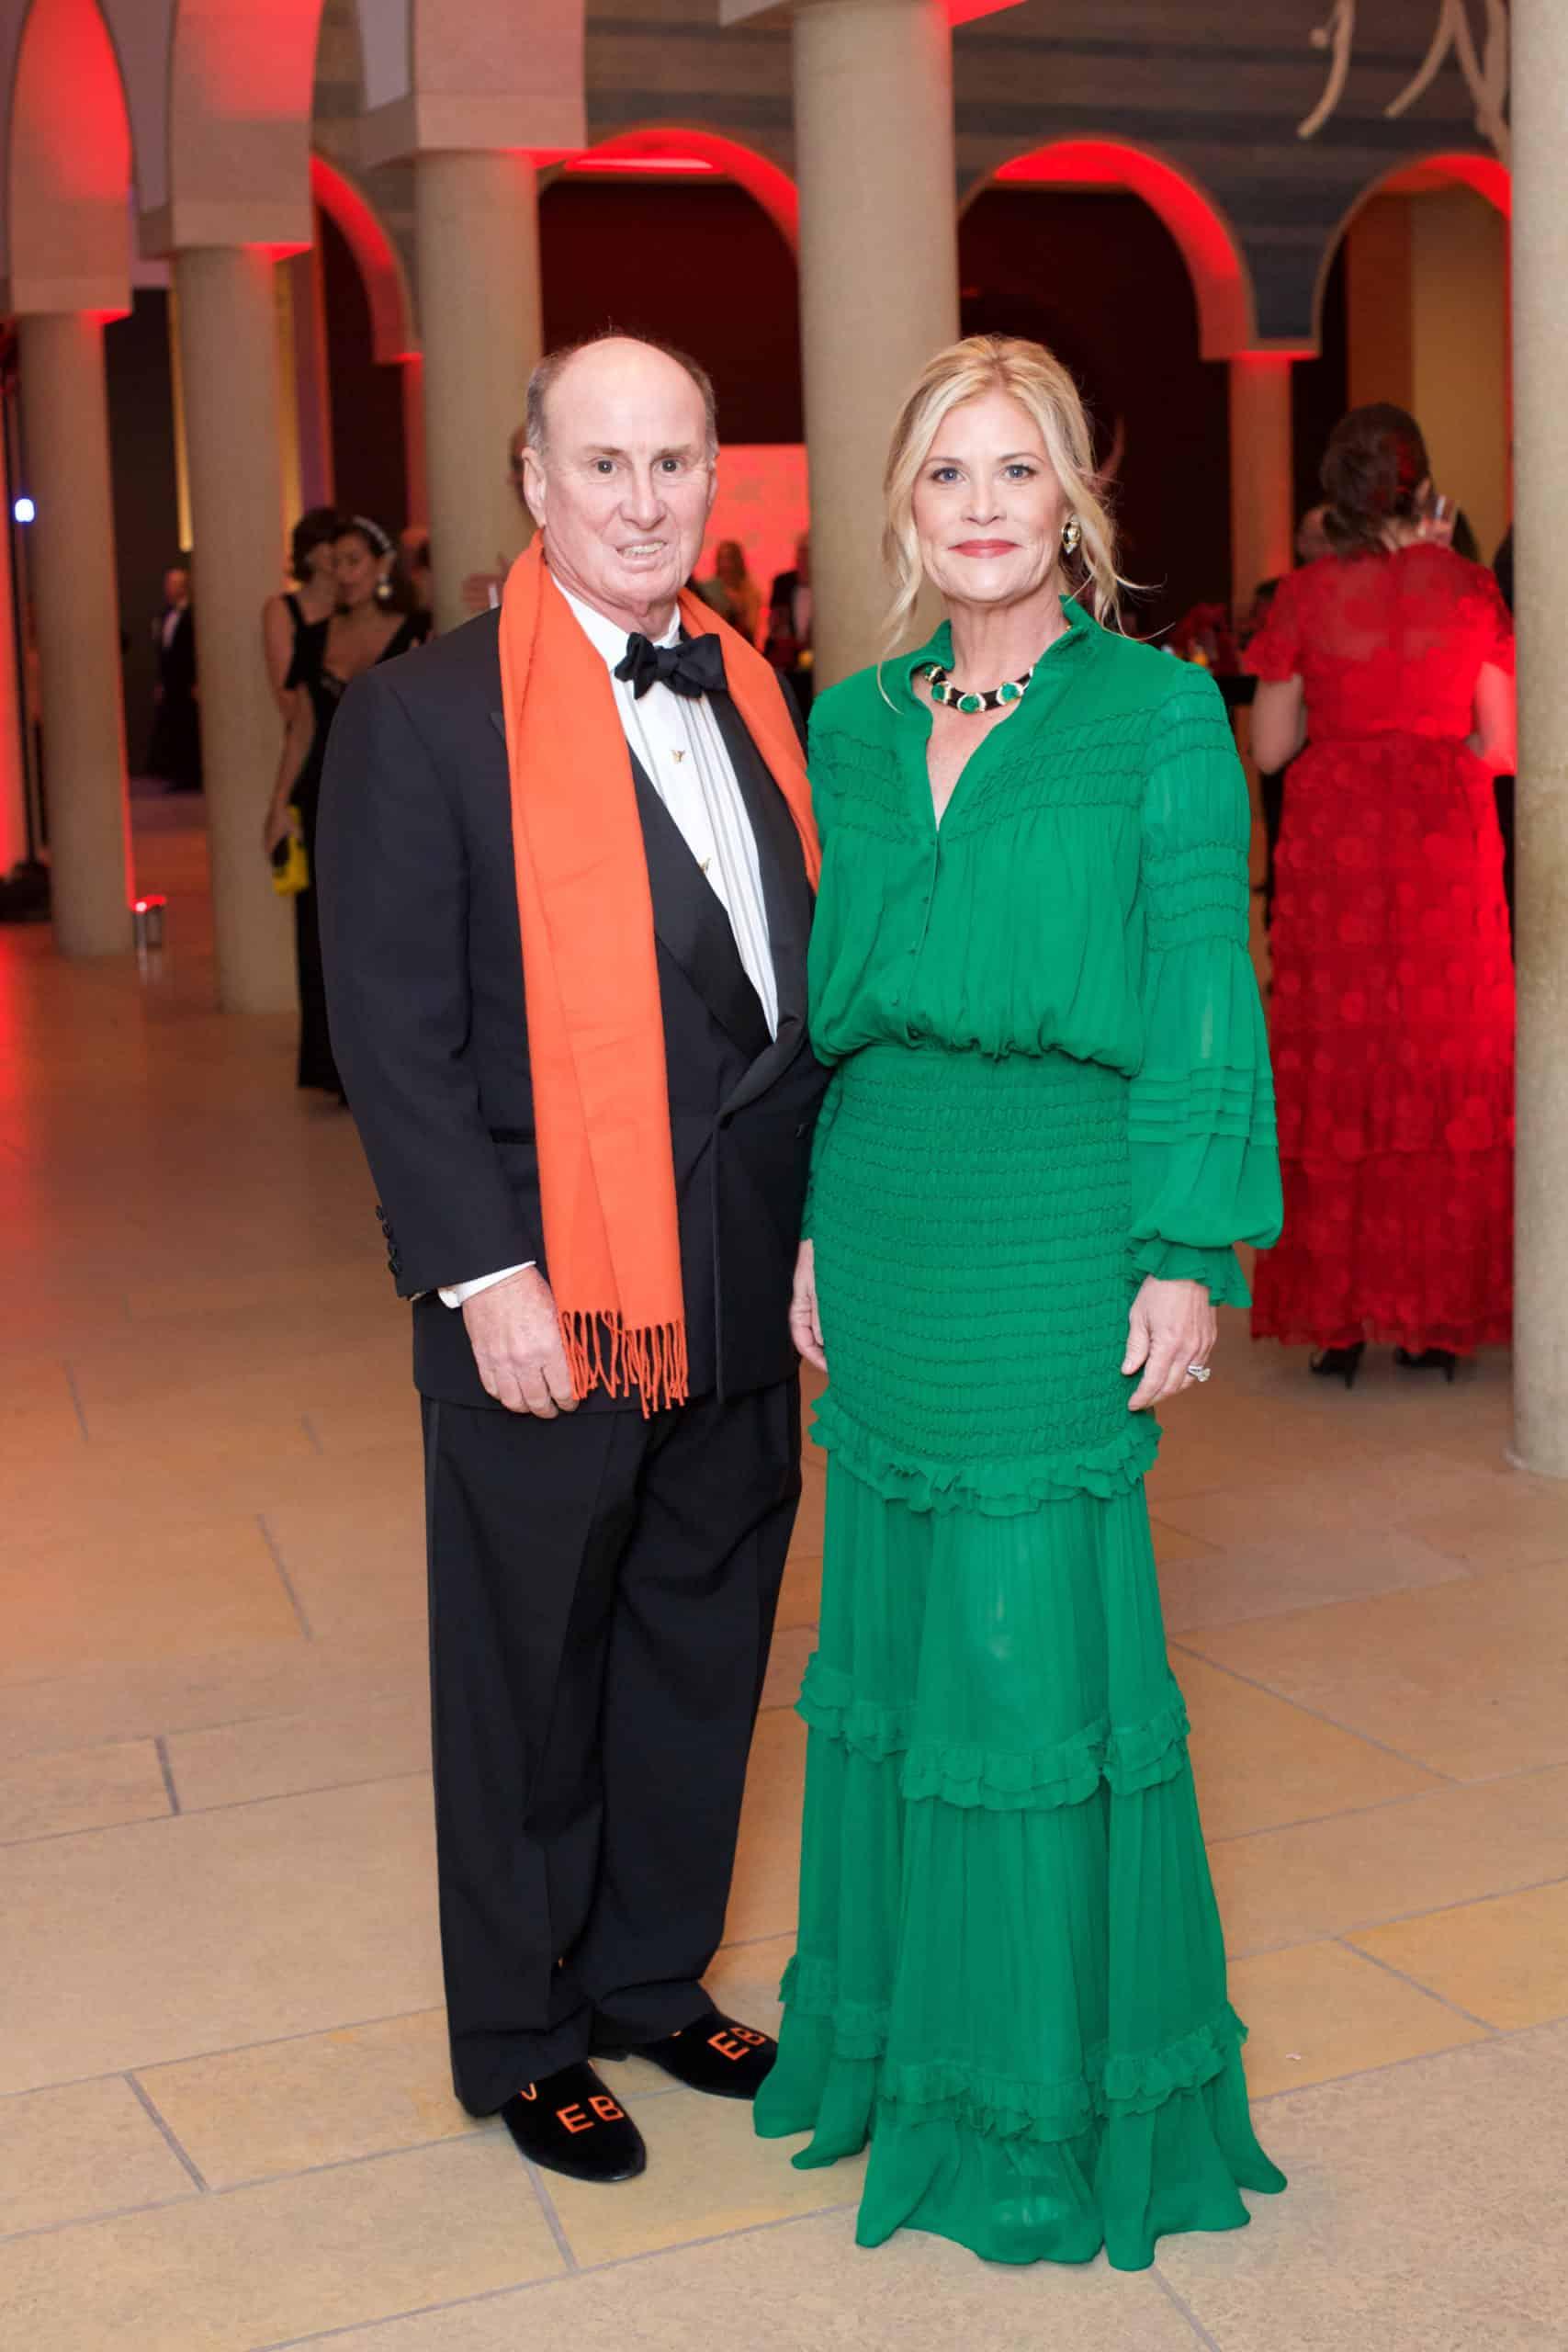 Eddy and Kelli Blanton